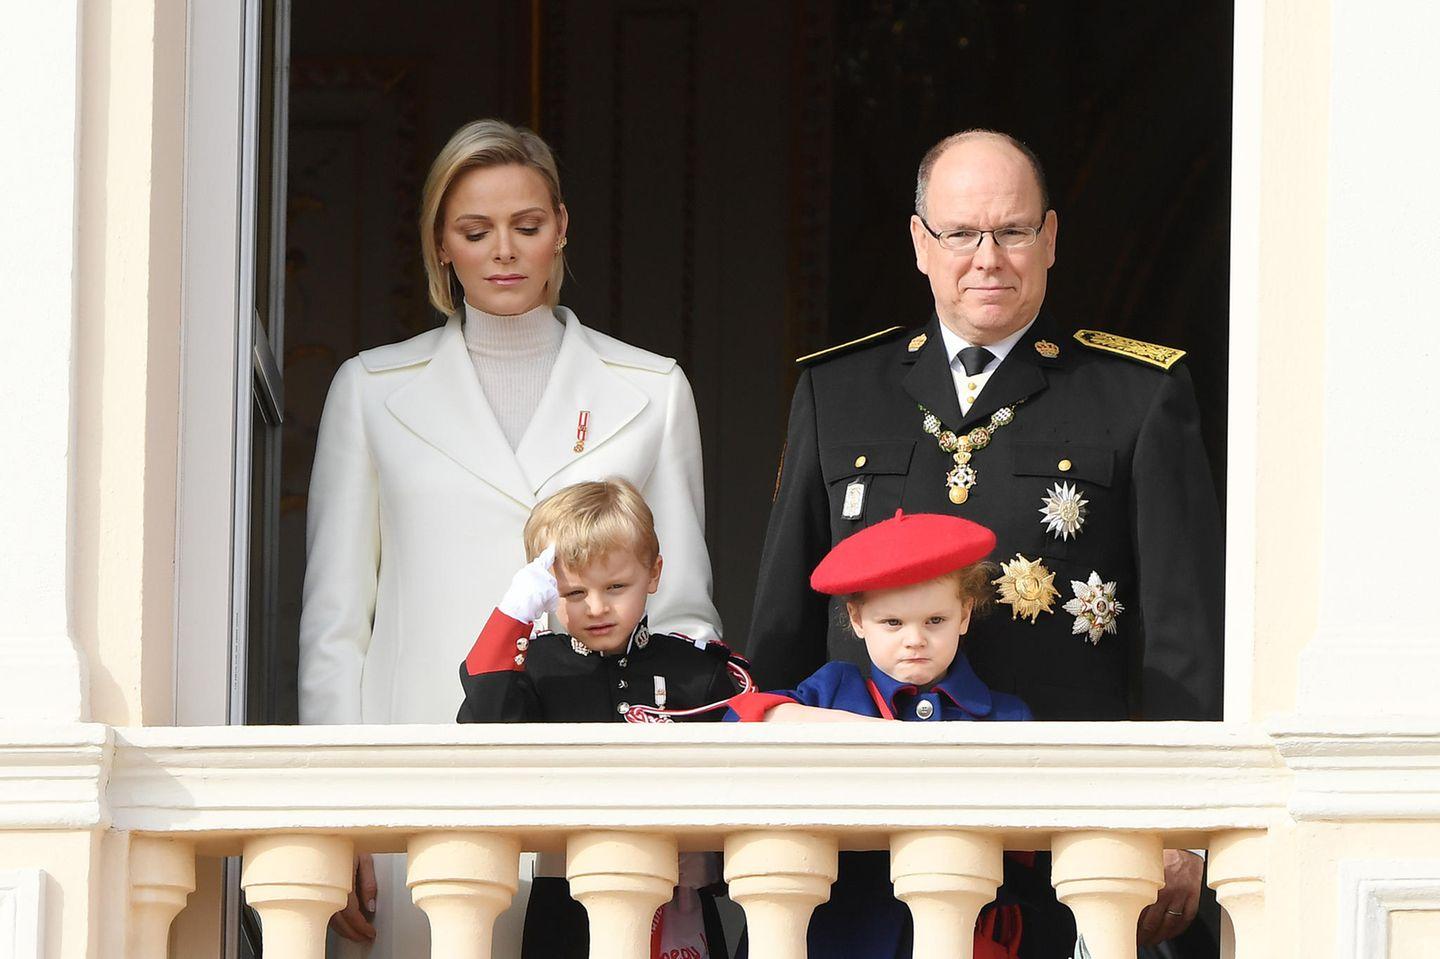 Royale Kinderfotos: Jaques und Gabriella von Monaco schlecht gelaunt